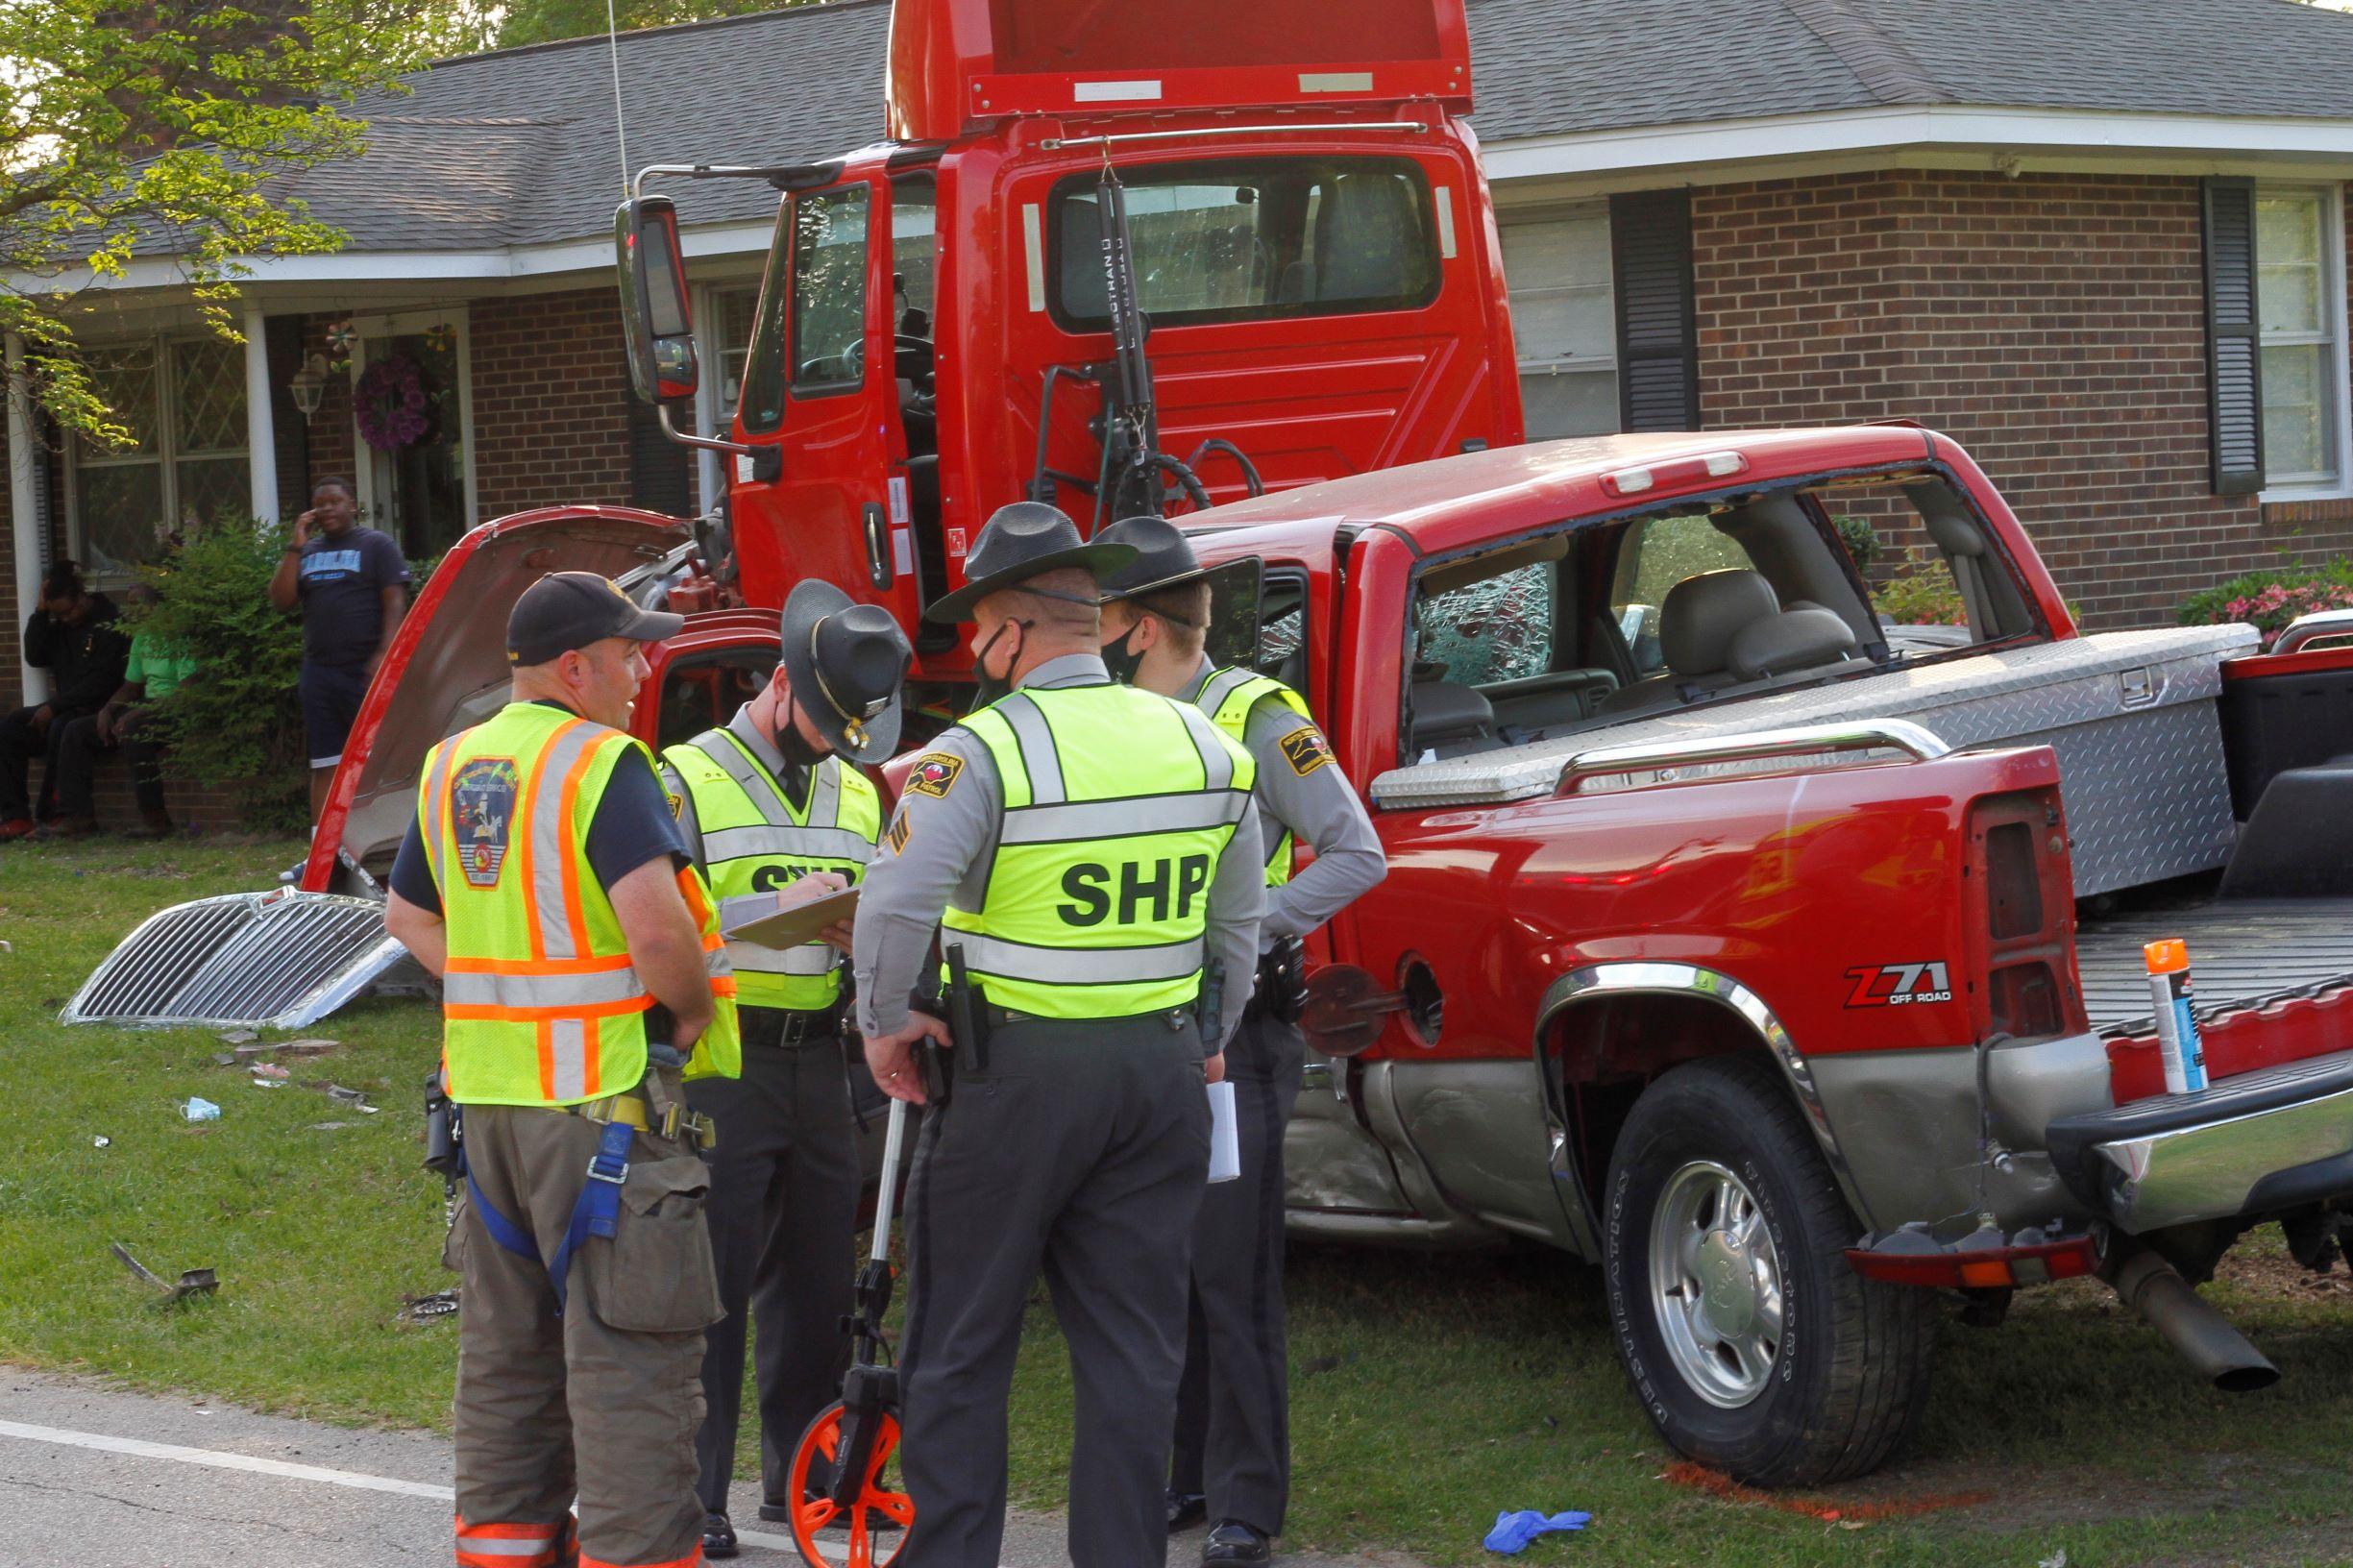 Vehicle Pursuit Ends In Crash, Suspect Dead (PHOTOS)